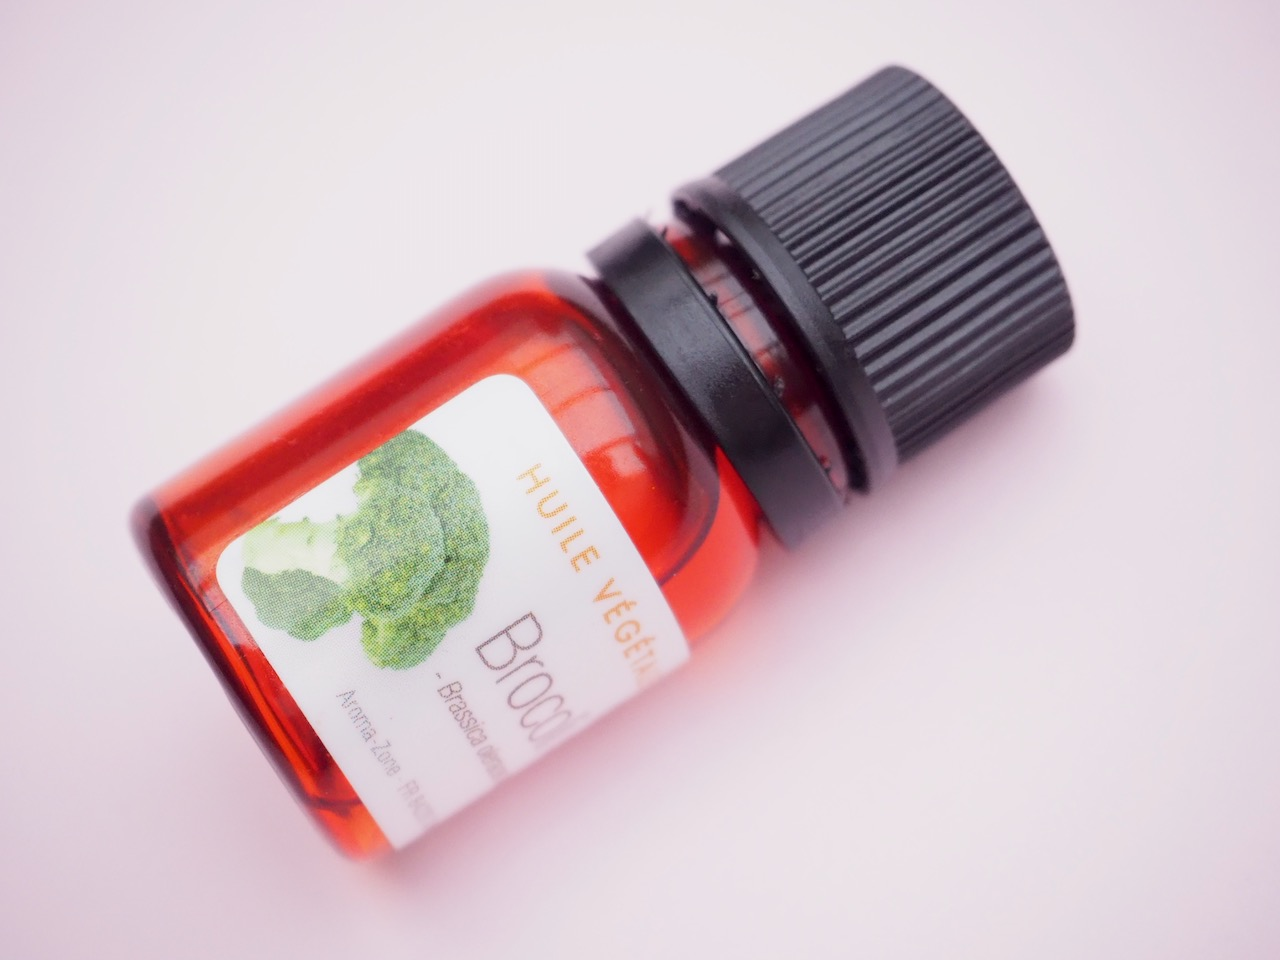 broccoli oil parsakaaliöljy parsakaalin siemenöljy hiusten hoito kokemuksia